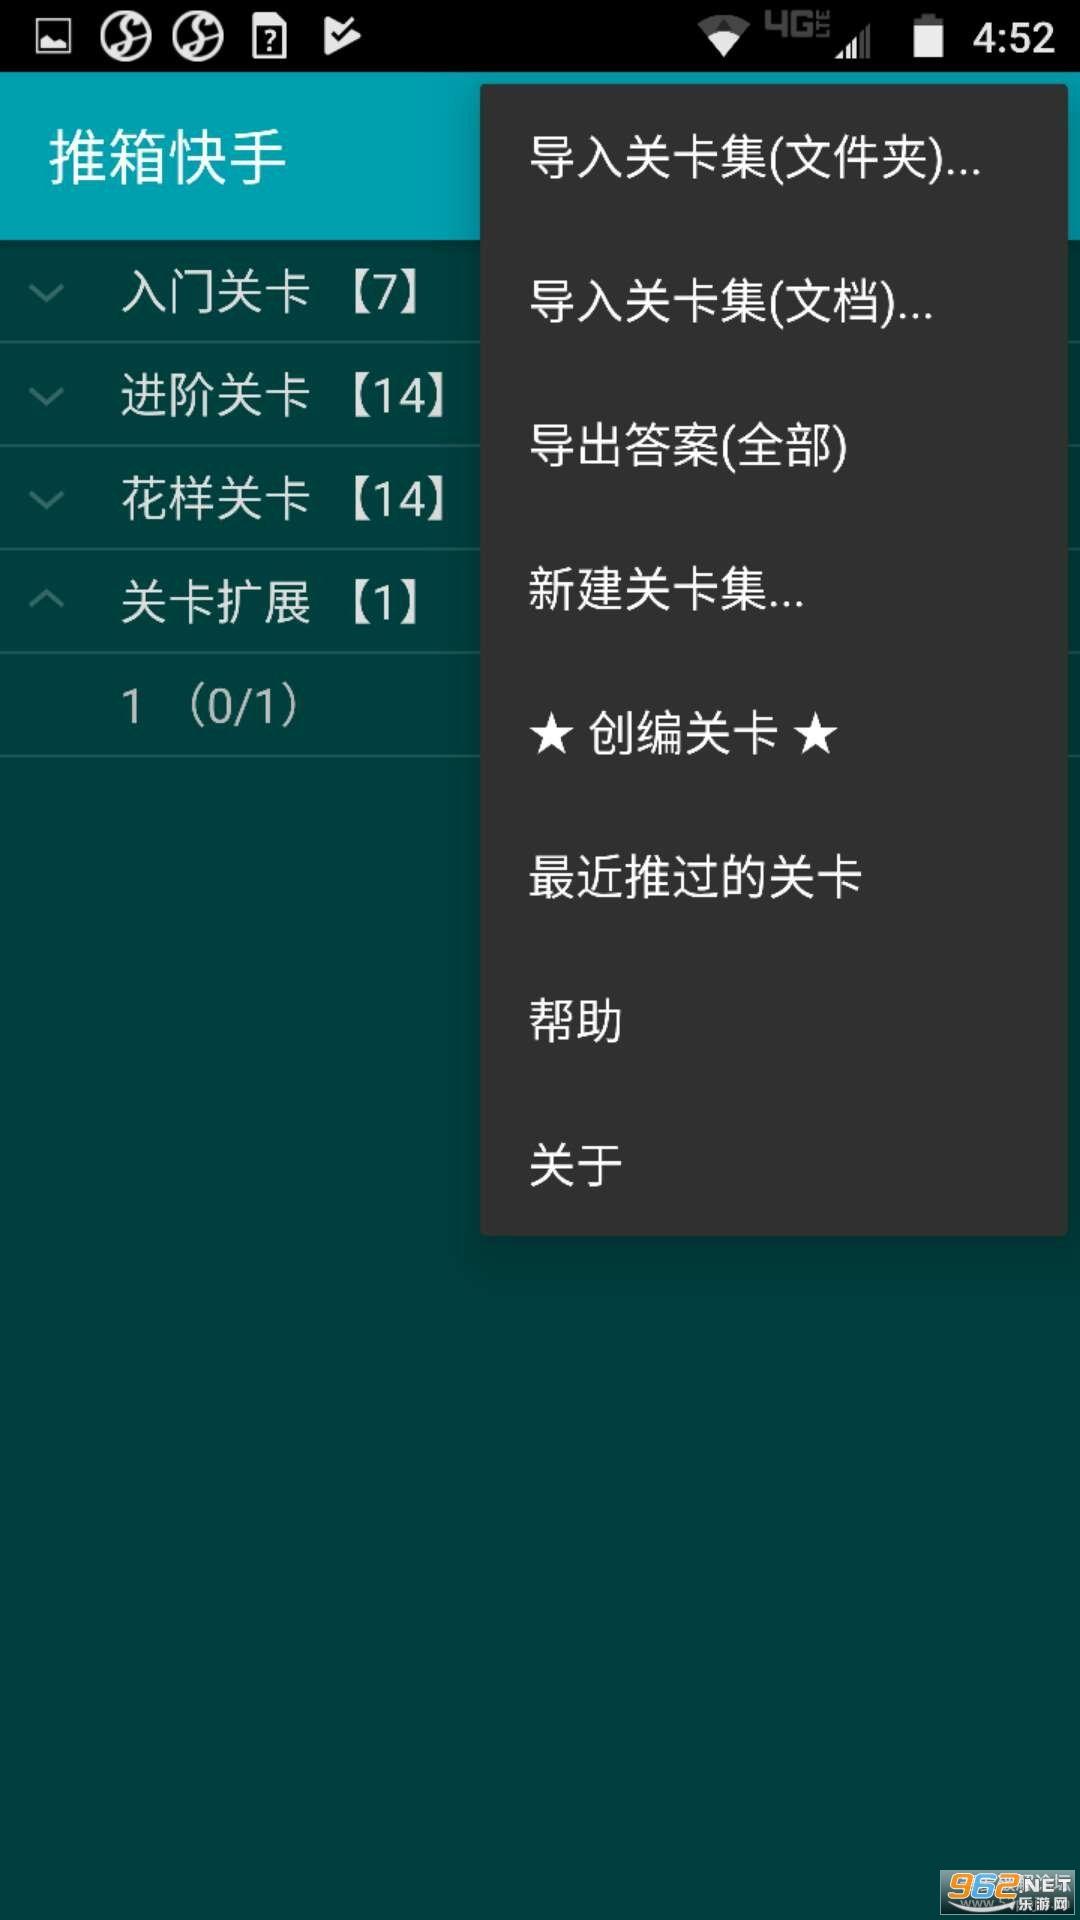 推箱快手经典游戏v9.99f截图1